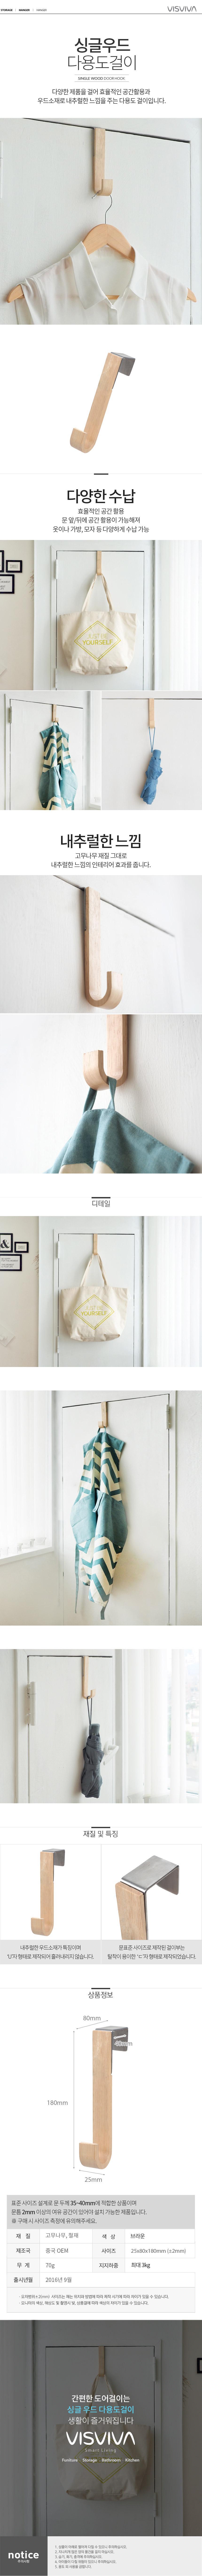 싱글 우드 다용도걸이 - 비스비바, 5,000원, 생활잡화, 후크